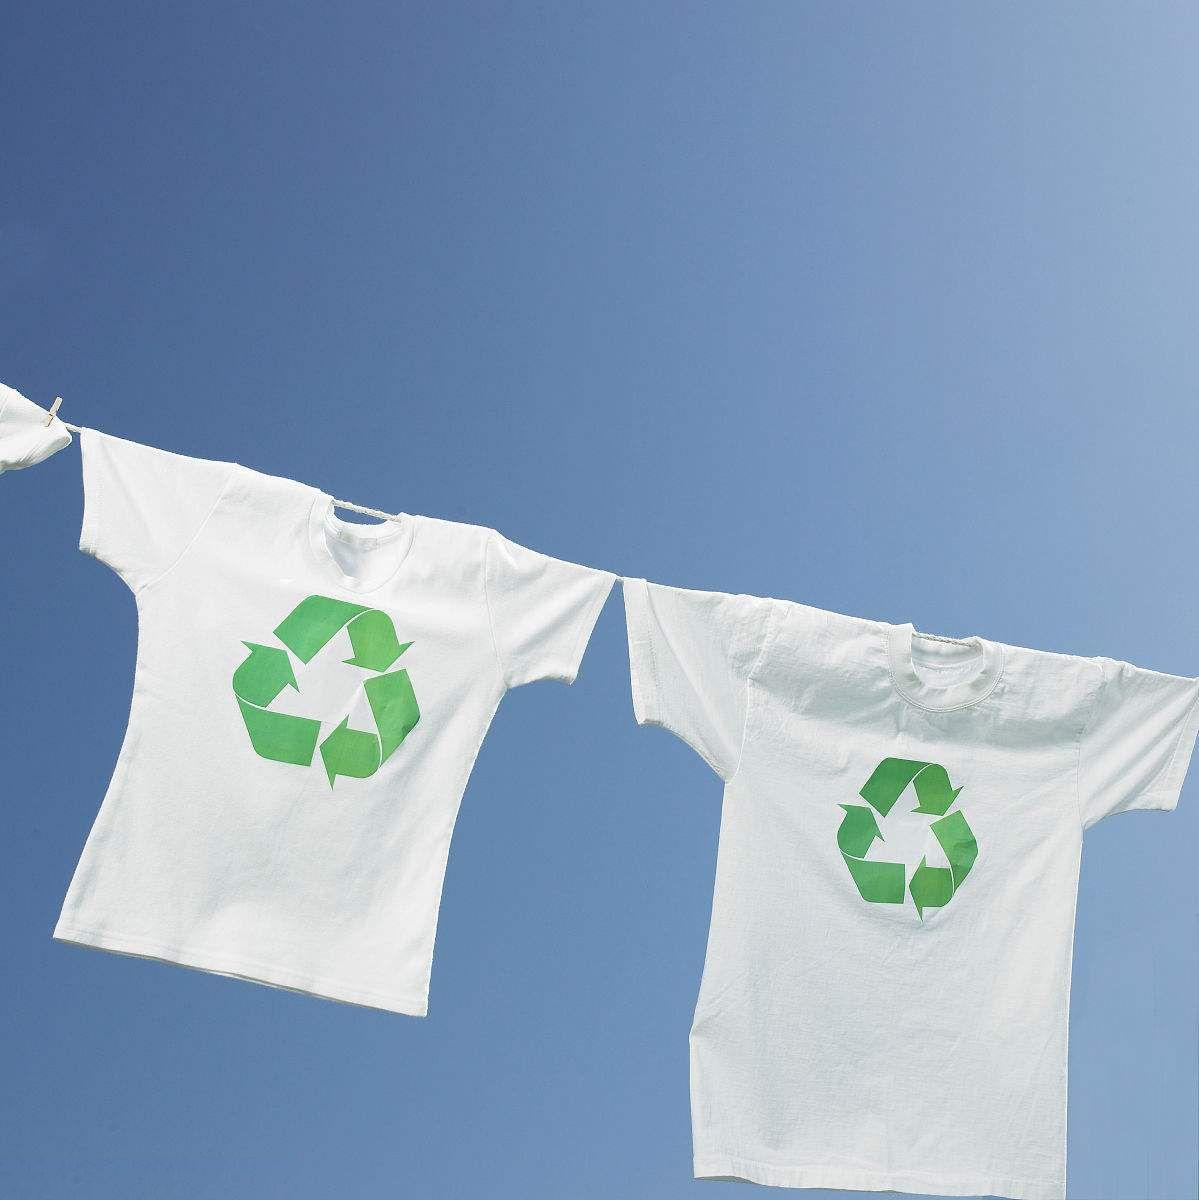 印花T恤应该如何洗涤?